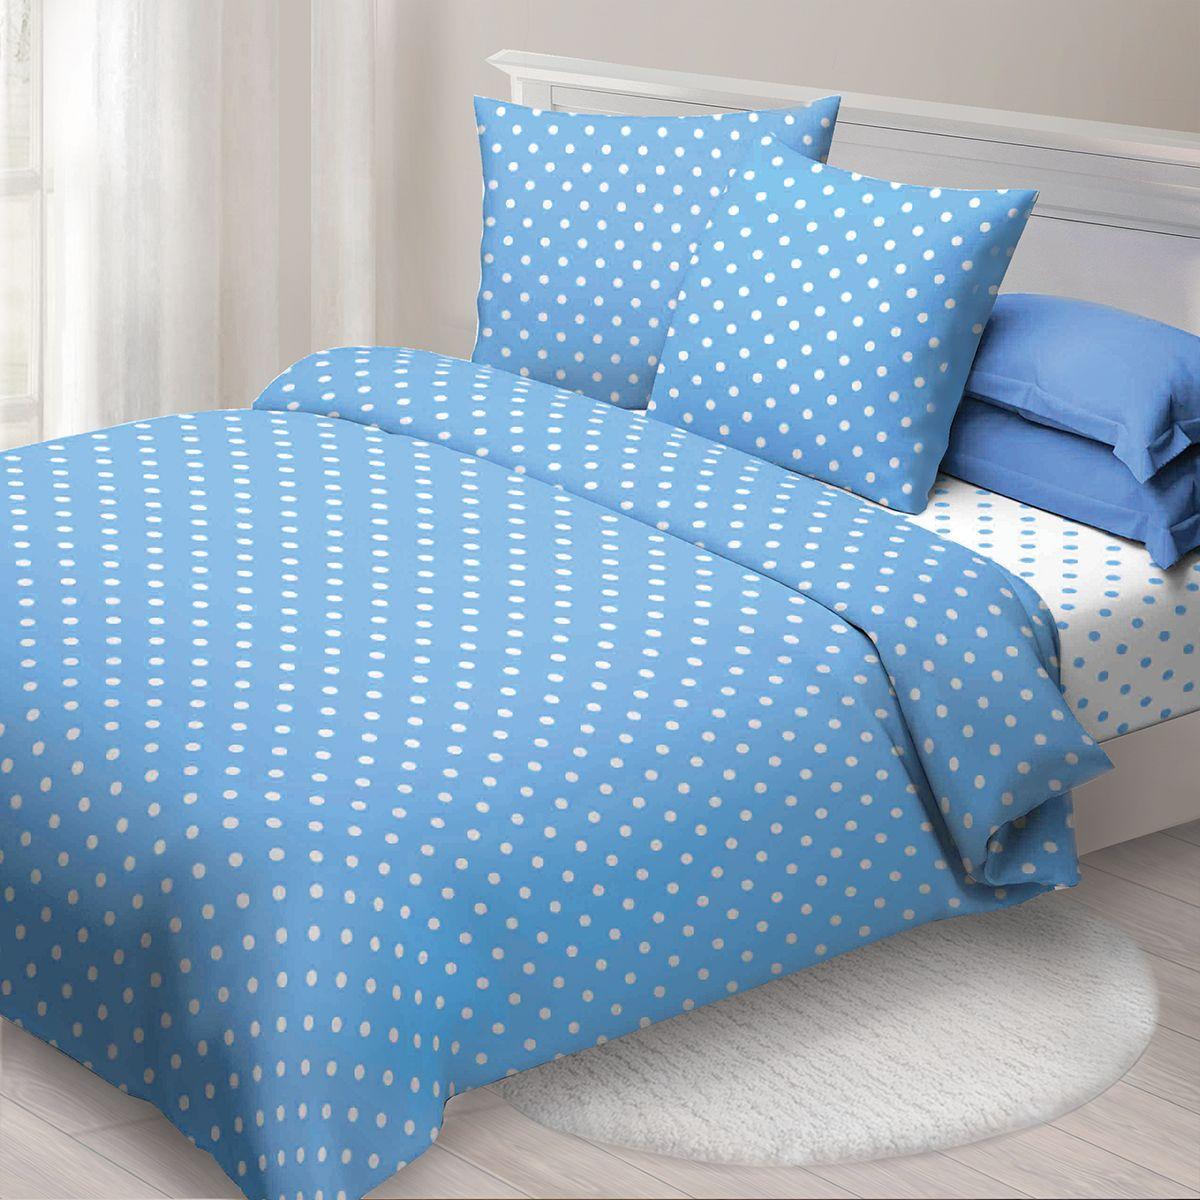 Комплект белья Спал Спалыч Бетти , семейный, наволочки 70x70, цвет: голубой. 4080-282478